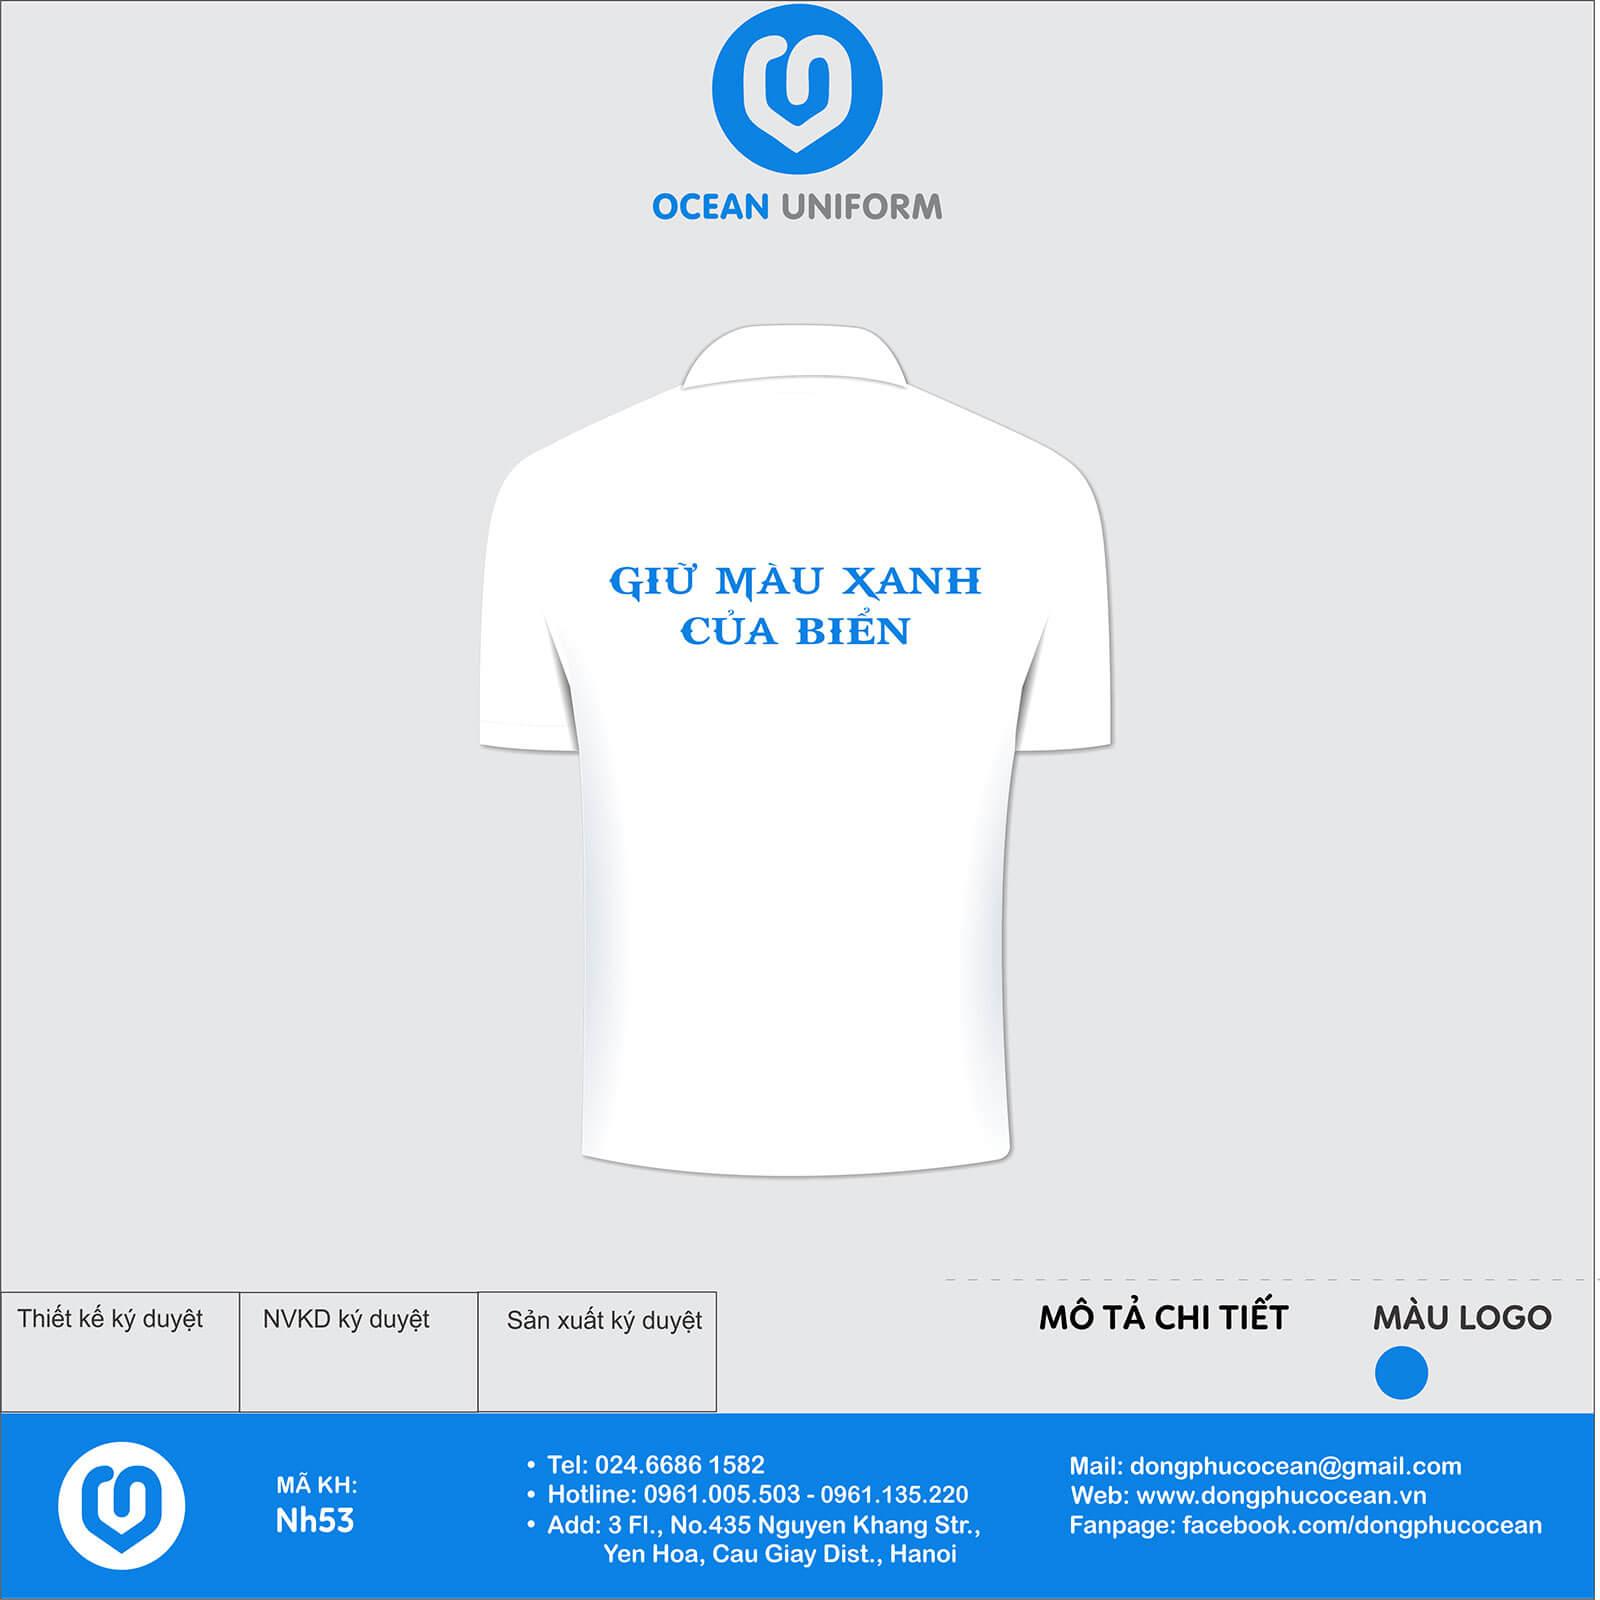 Đồng phục áo phông quảng cáo, sự kiện NH53 mặt sau